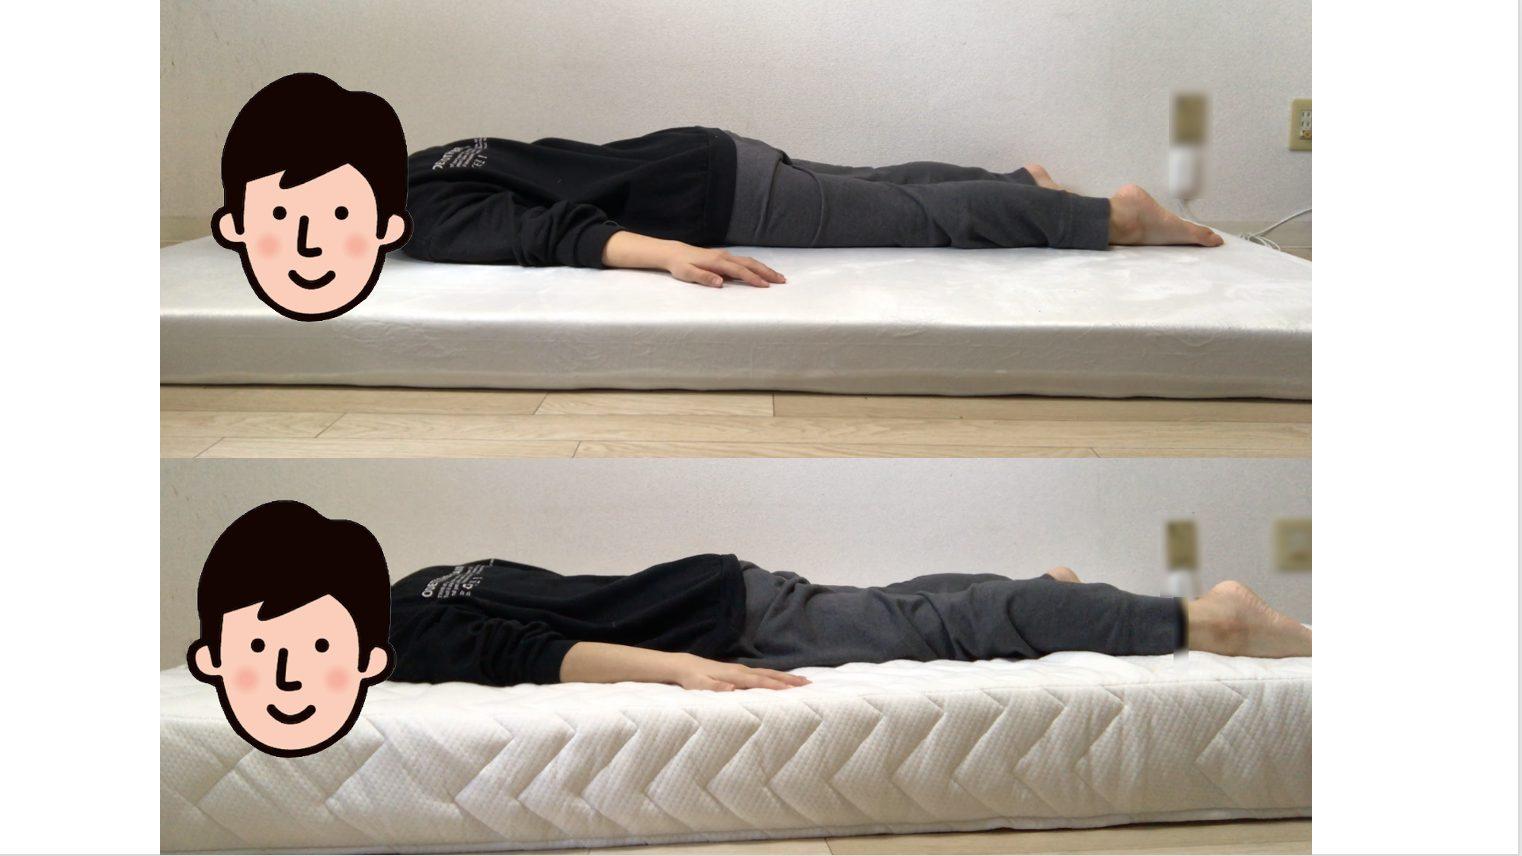 【大人~子供対応】うつ伏せ寝に合うマットレスの選び方と注意点(いびき防止)